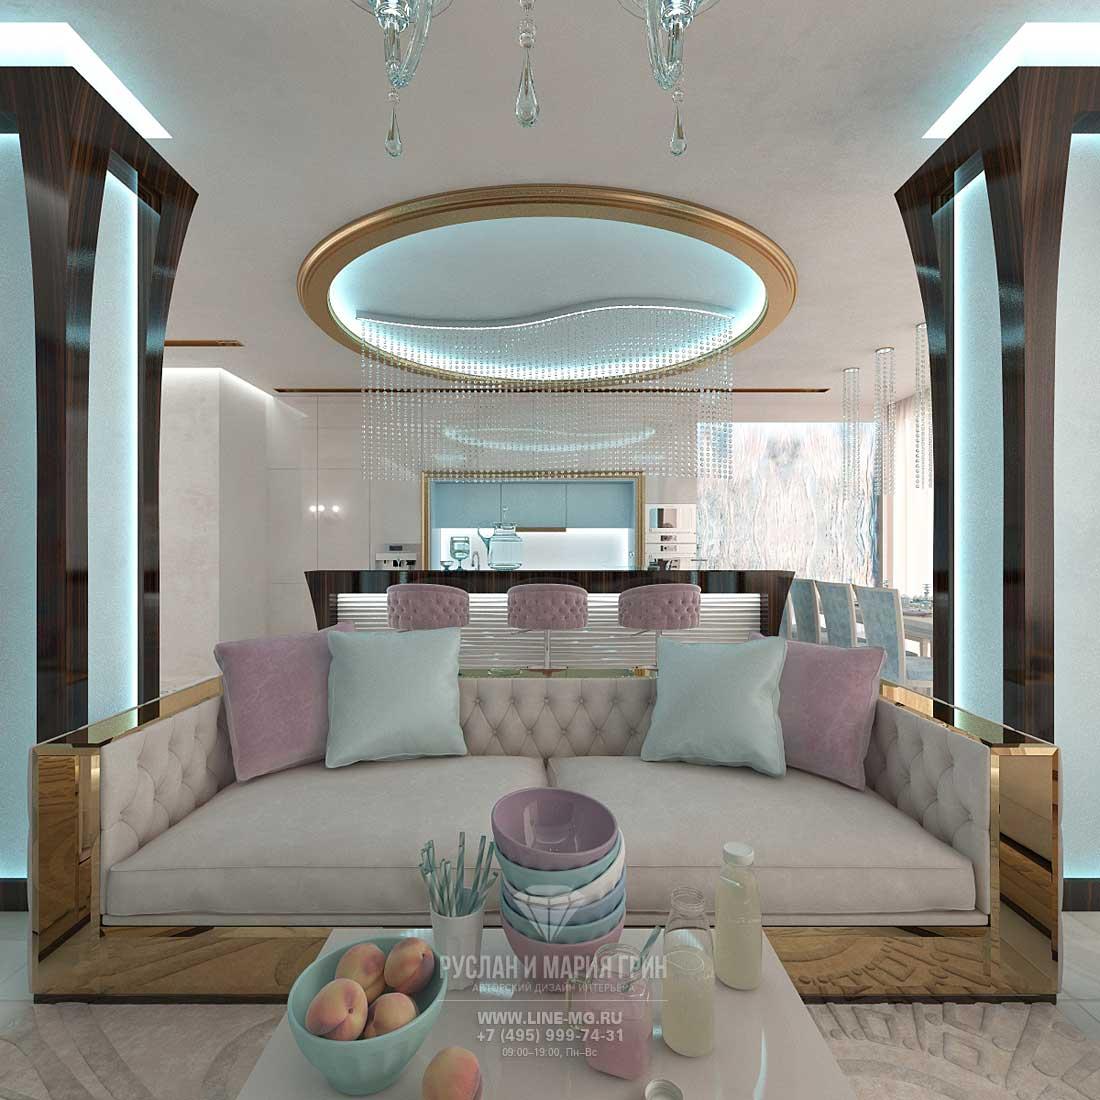 Дизайнерский ремонт гостиной под ключ в стиле ар-деко. Фото интерьера